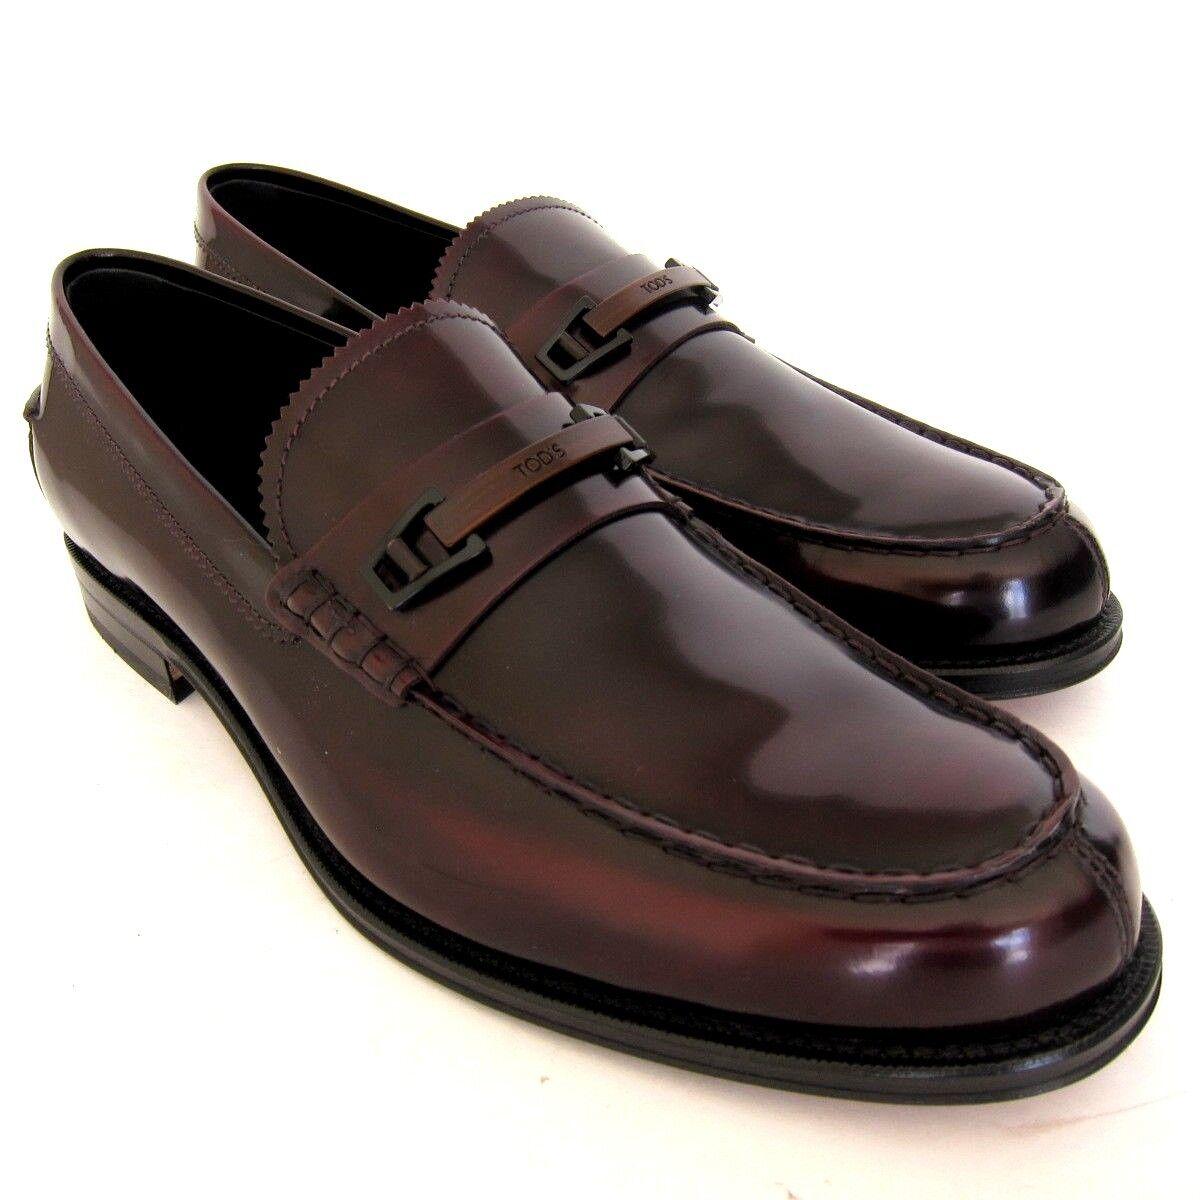 S-2198119 New Horsebit Tods Morset Bordeaux Horsebit New Loafer Shoe Size US 11.5 Marked 10.5 502e17